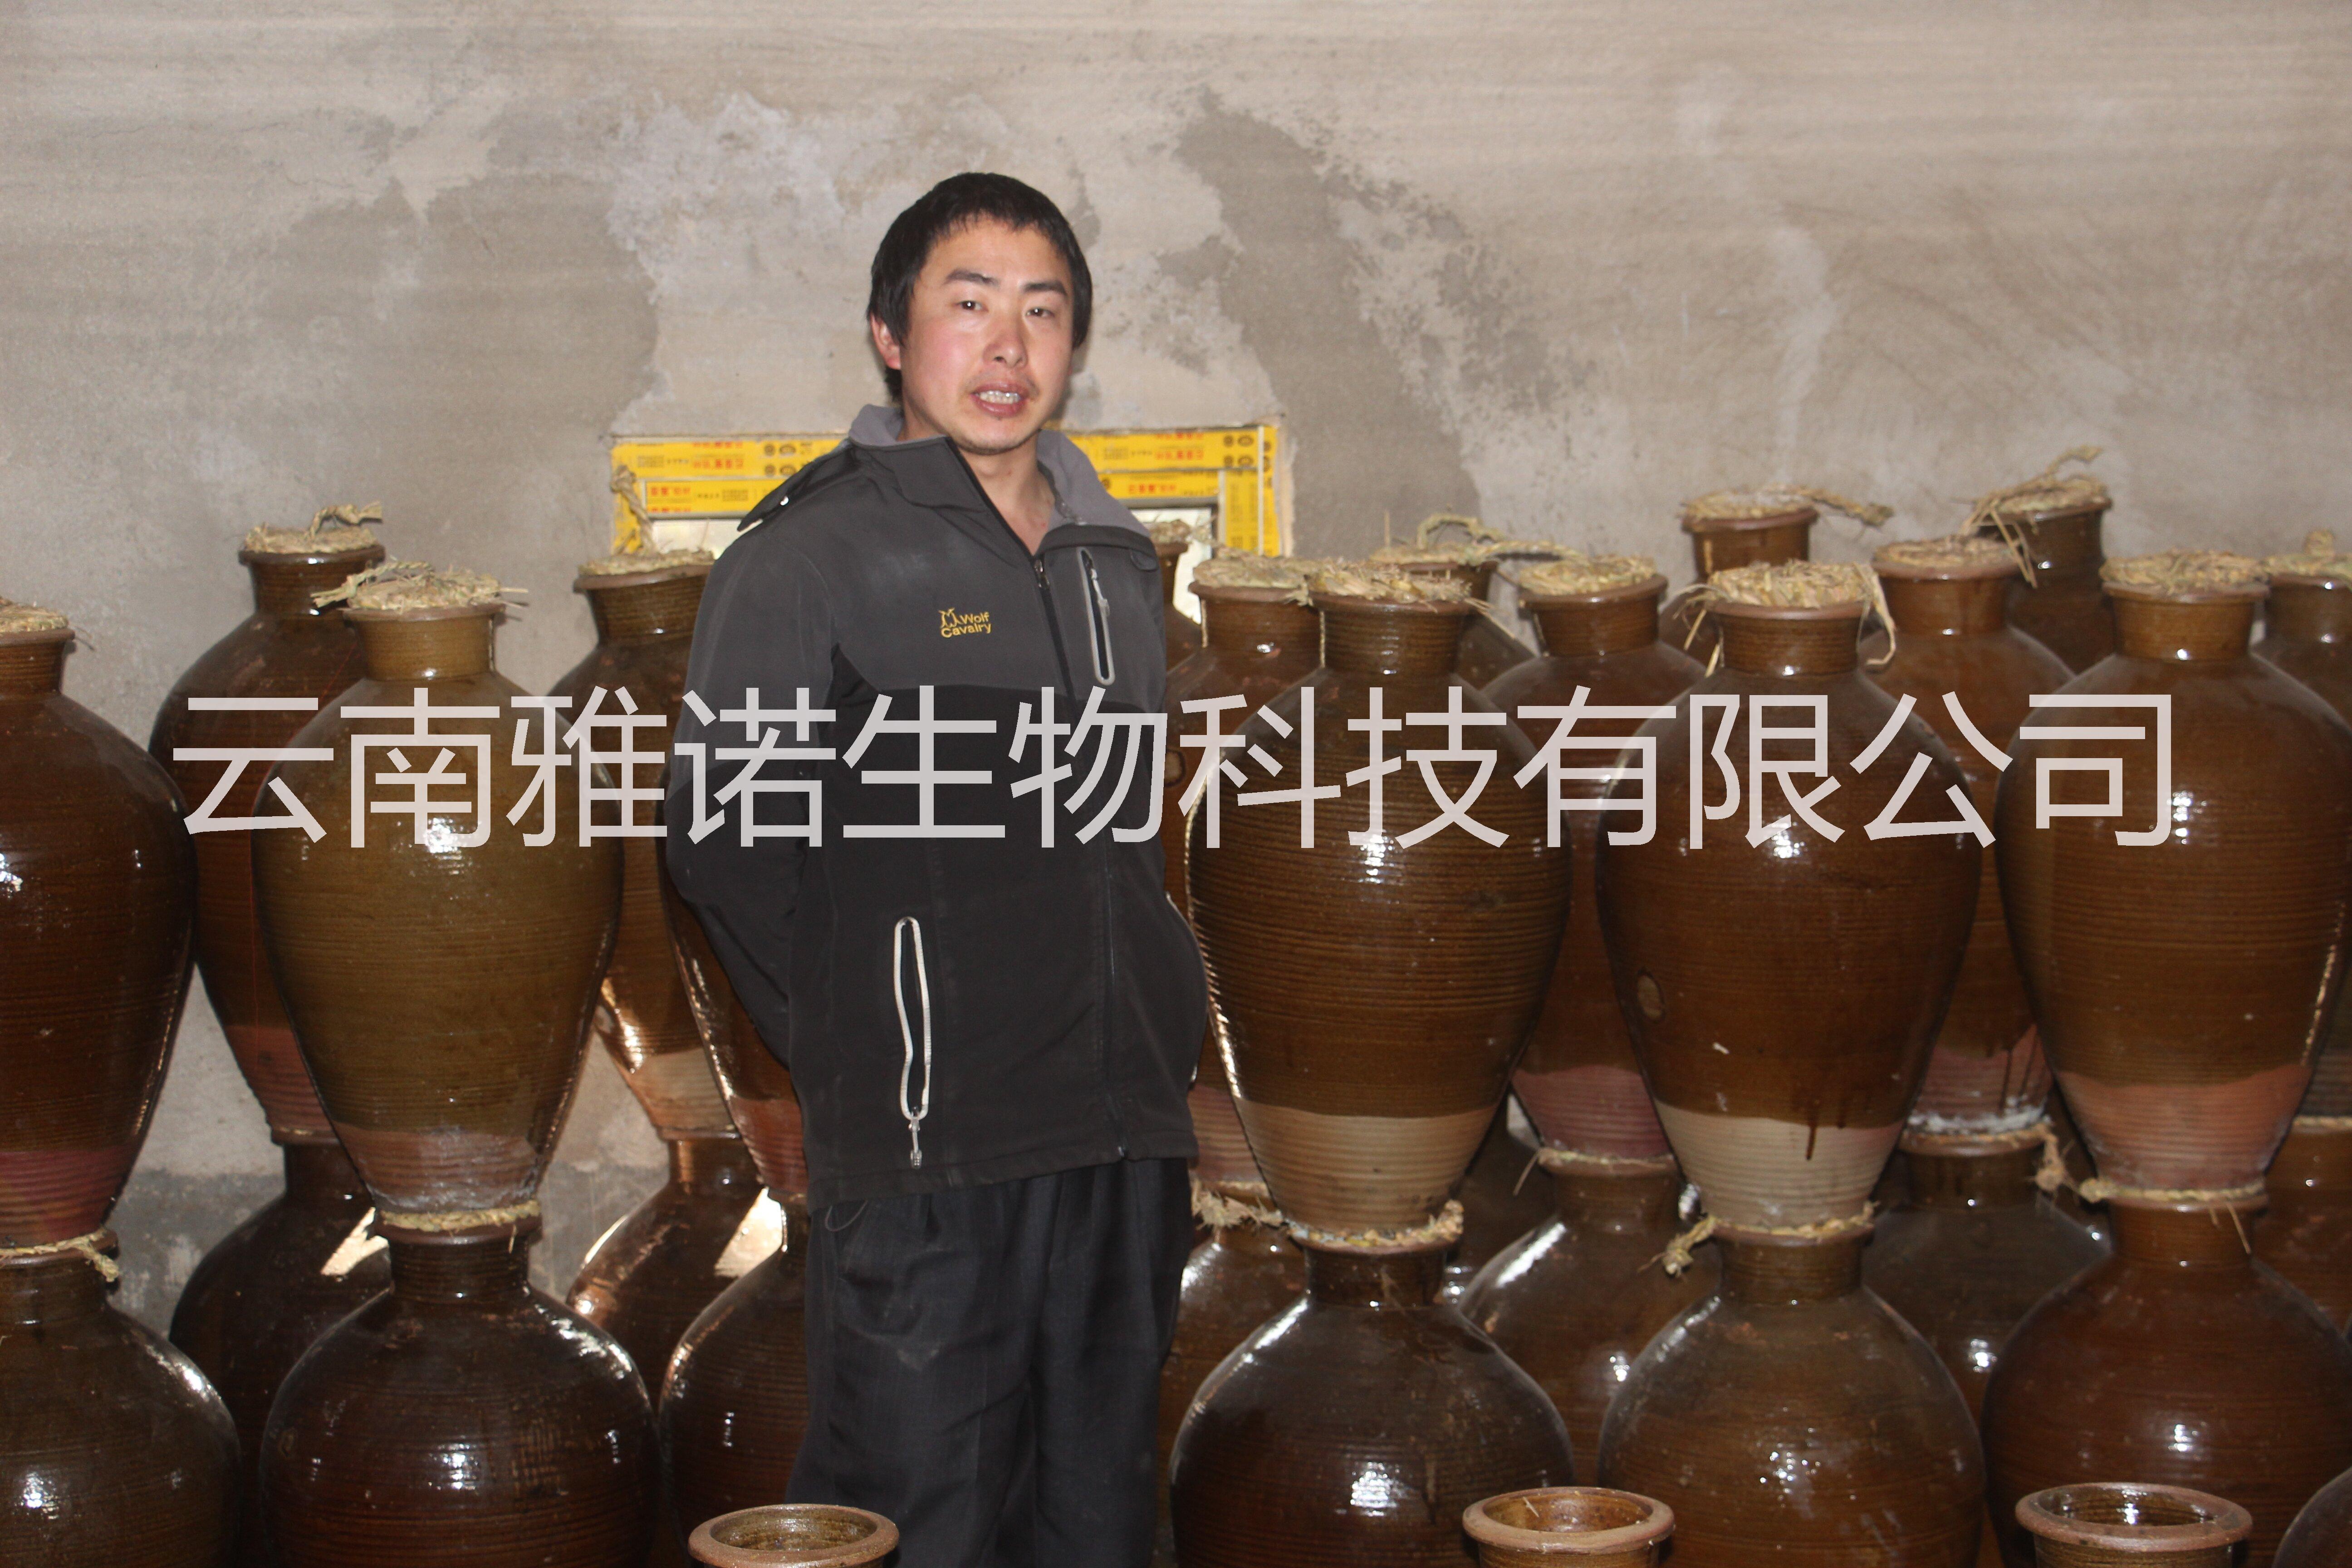 纯粮食包谷酒小锅酒铜锅酒小分子酒传统工艺地缸发酵铜锅蒸馏